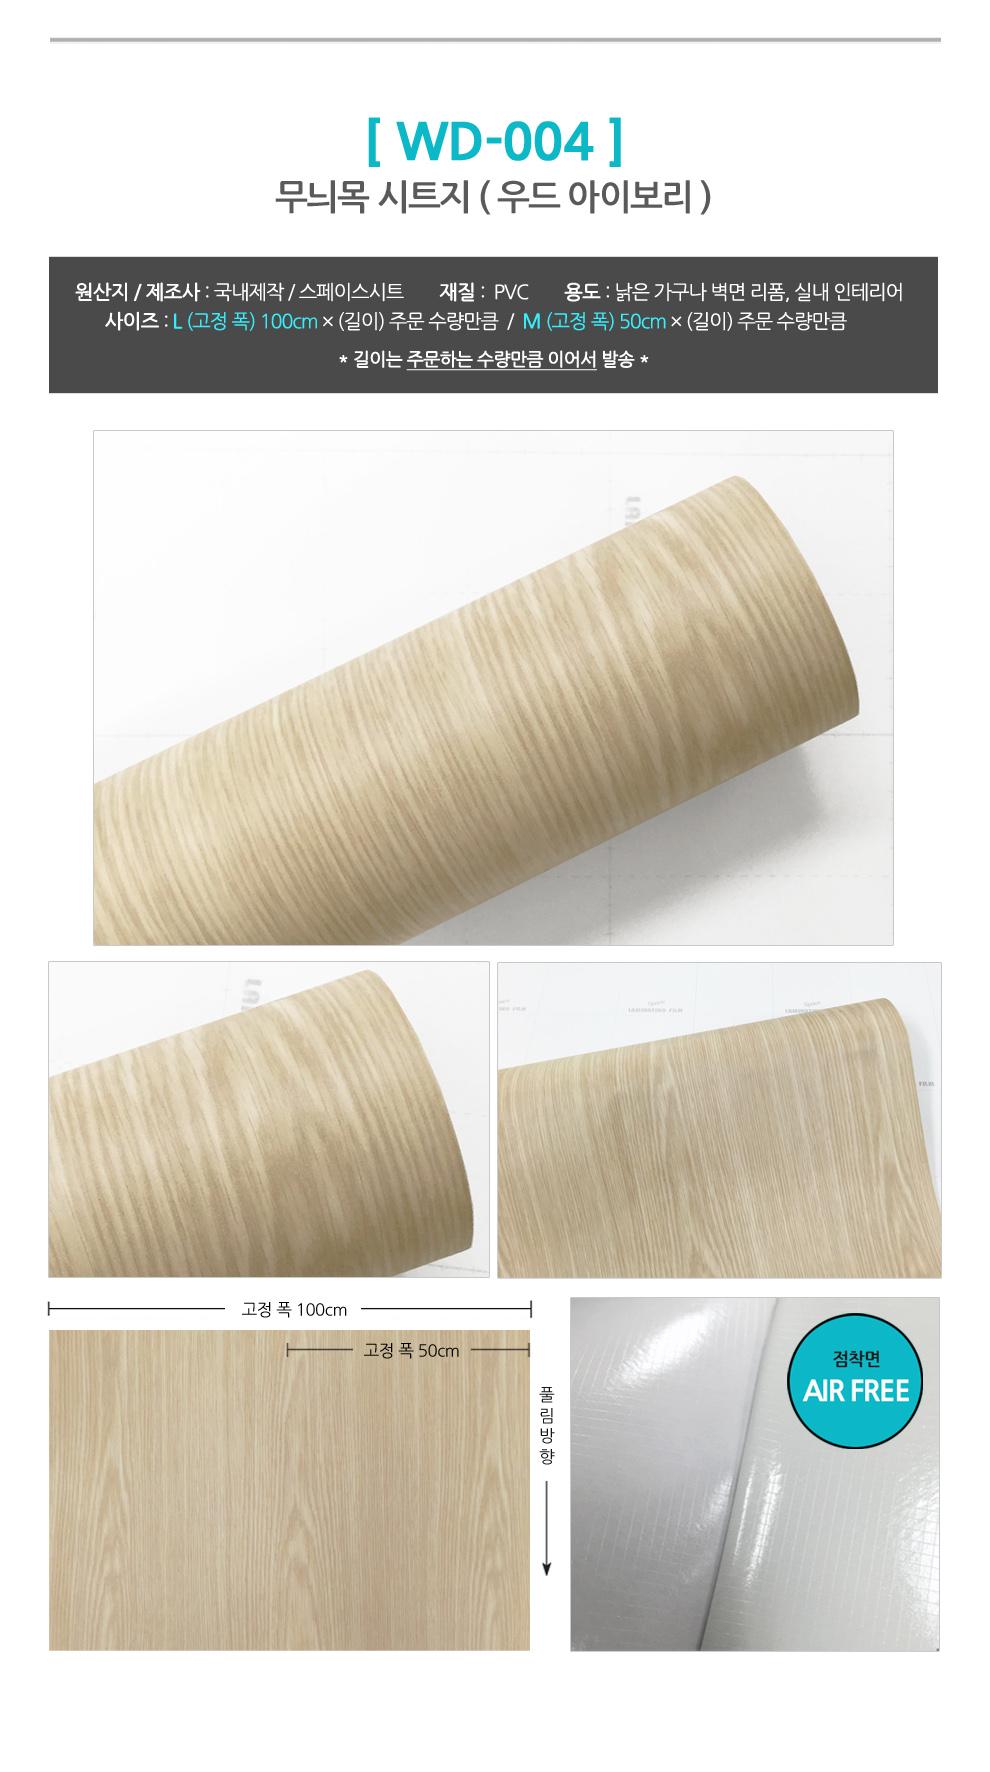 무늬목시트지 모음1,300원-애니시트인테리어, 월데코/벽지/장식, 시트지, 패턴/무늬목바보사랑무늬목시트지 모음1,300원-애니시트인테리어, 월데코/벽지/장식, 시트지, 패턴/무늬목바보사랑